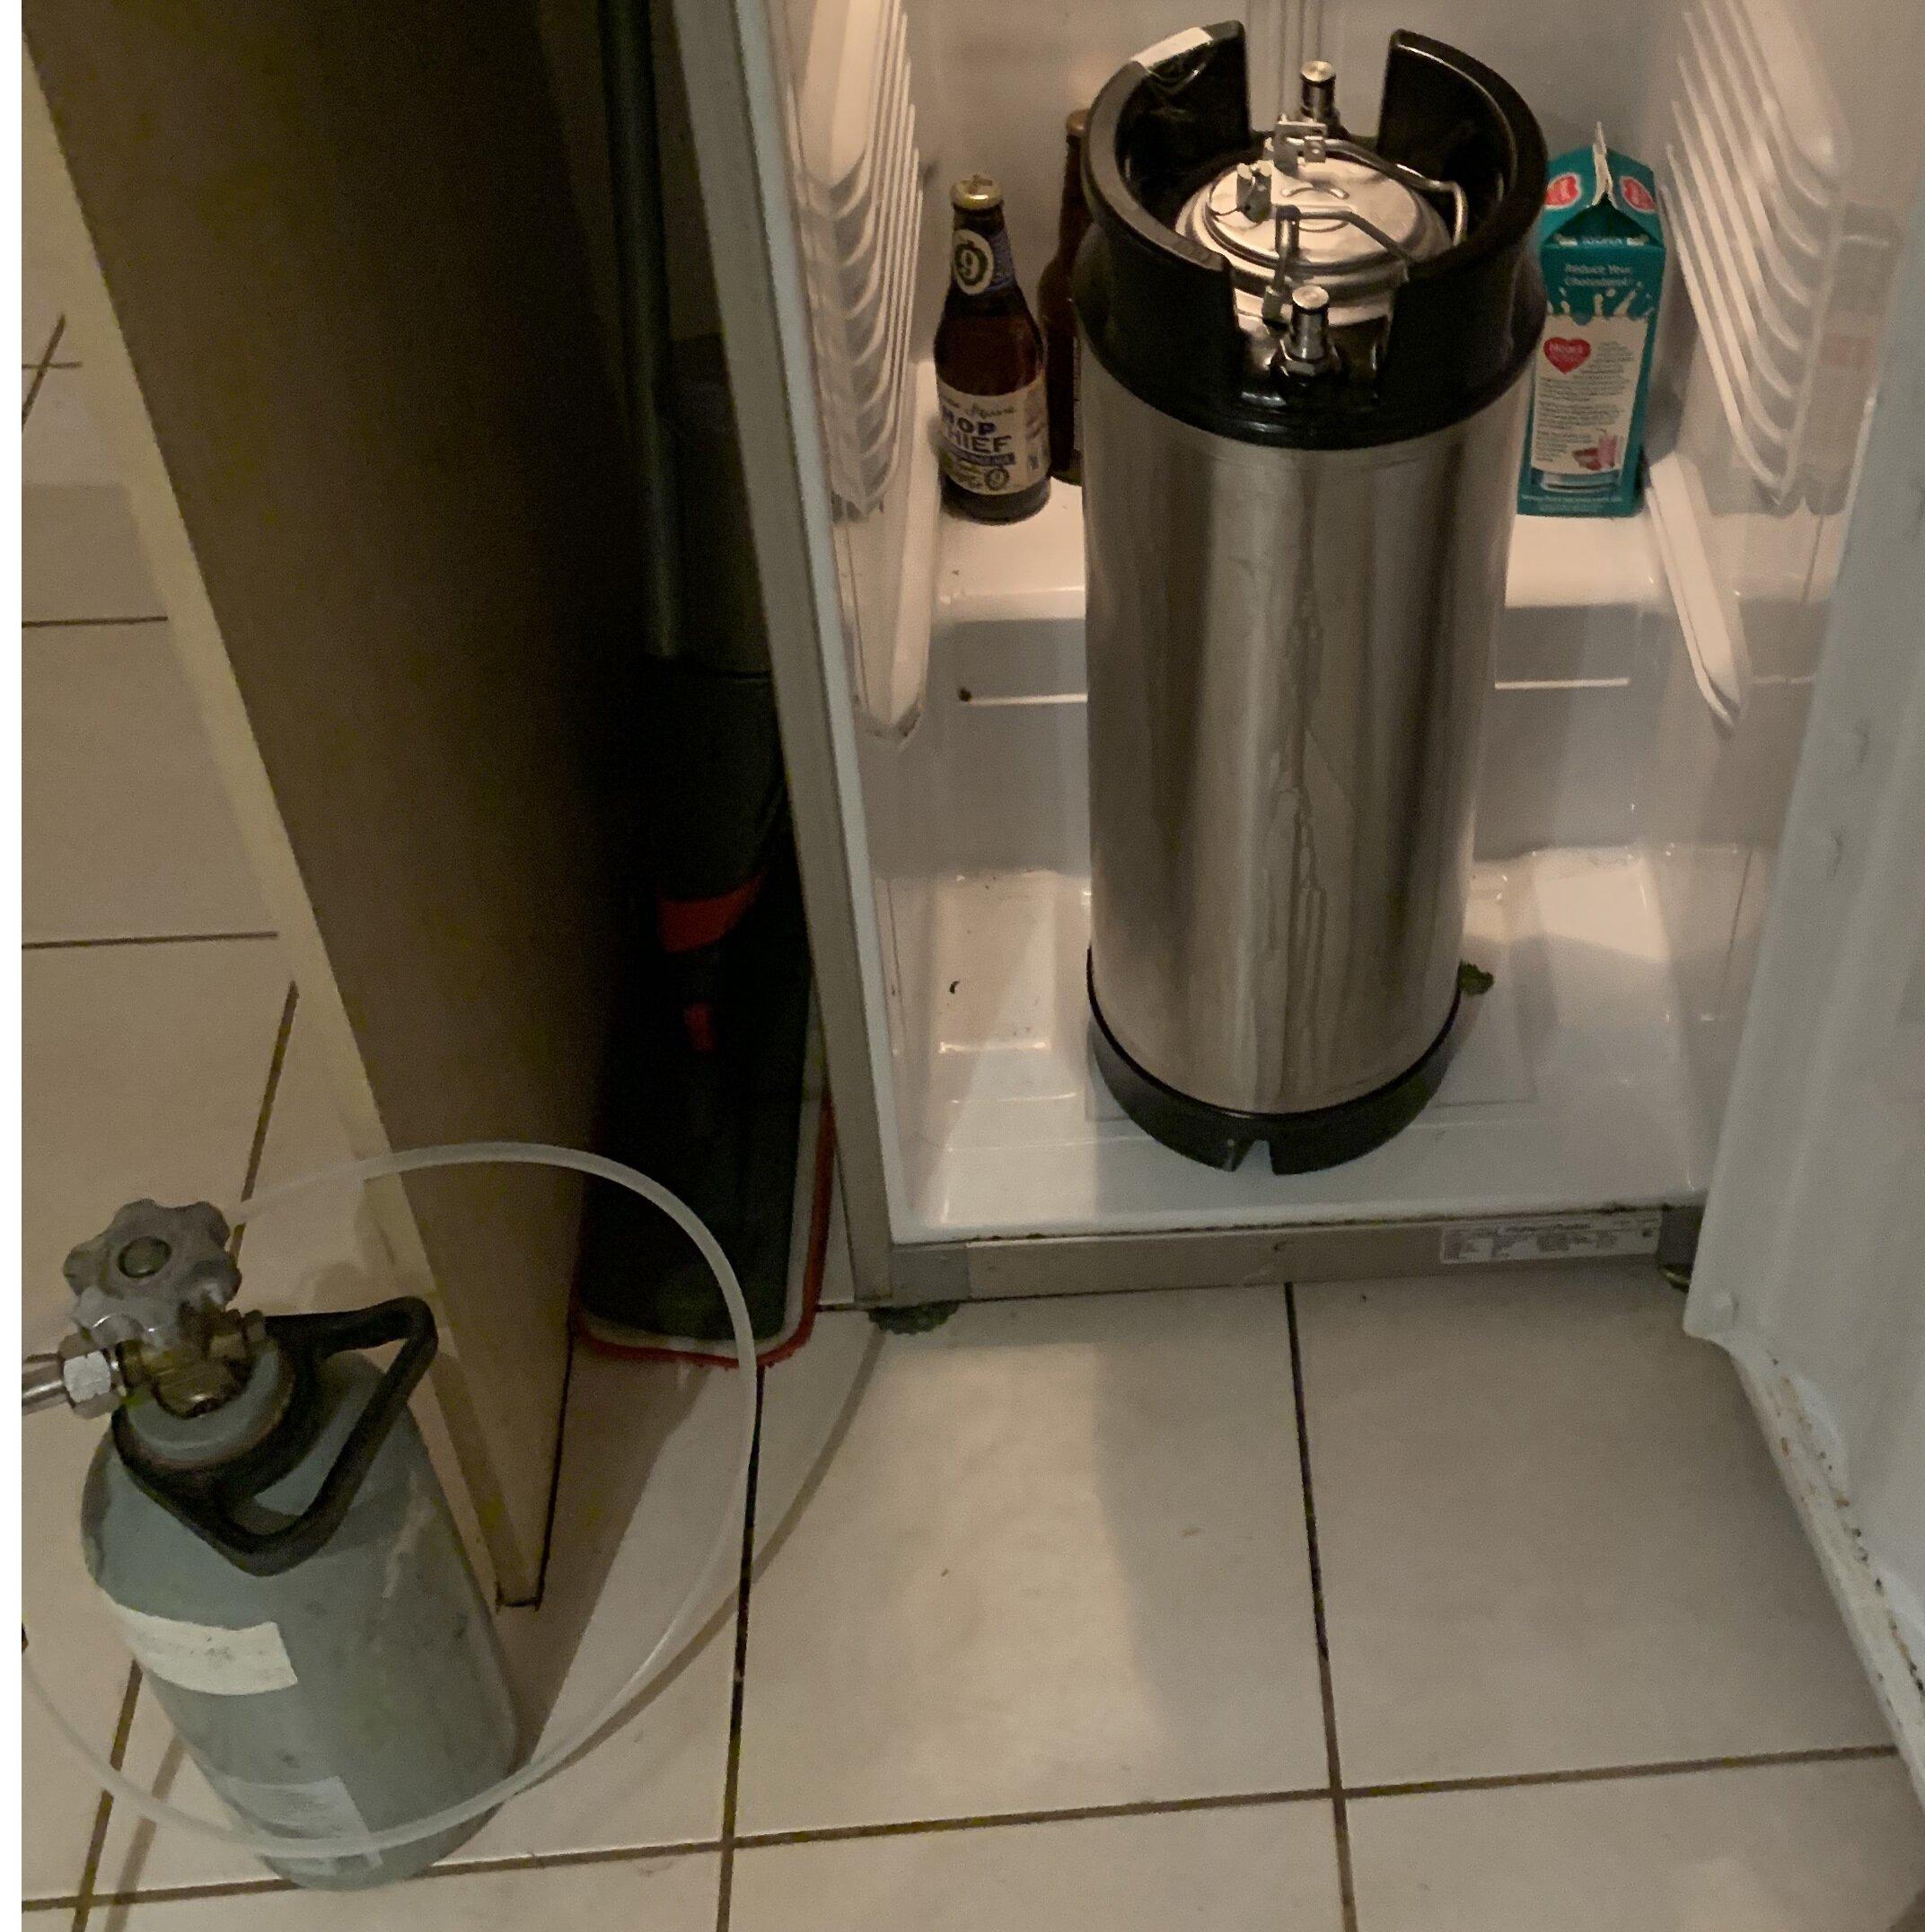 Keg in fridge